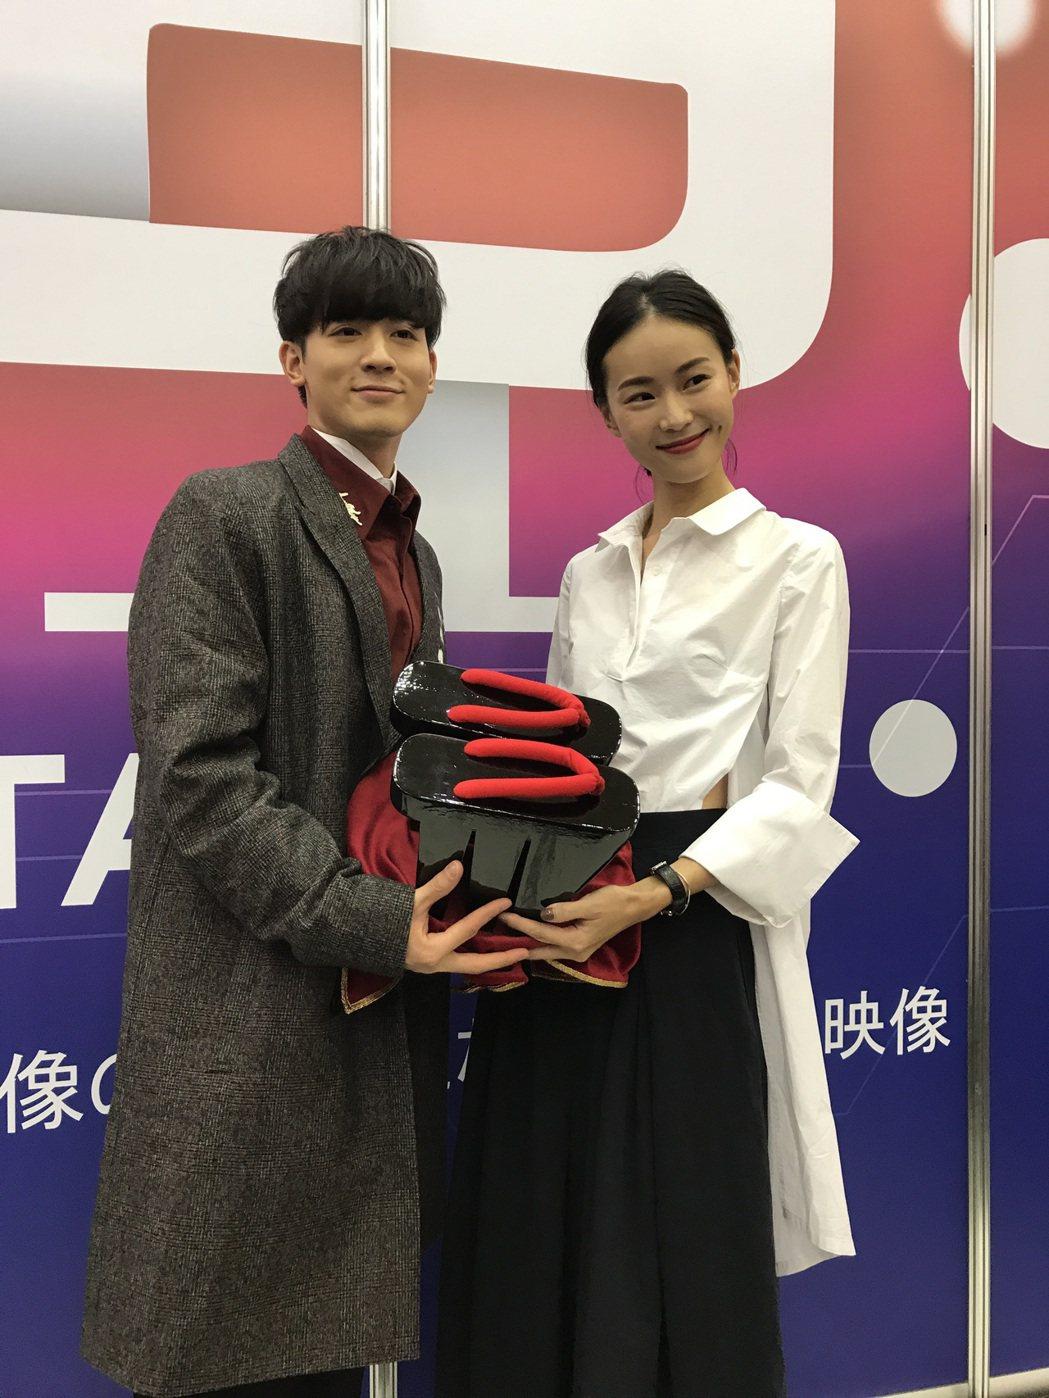 鍾瑤(右)和吳思賢出席東京電視節,擔任台灣館大使。記者楊起鳳/攝影